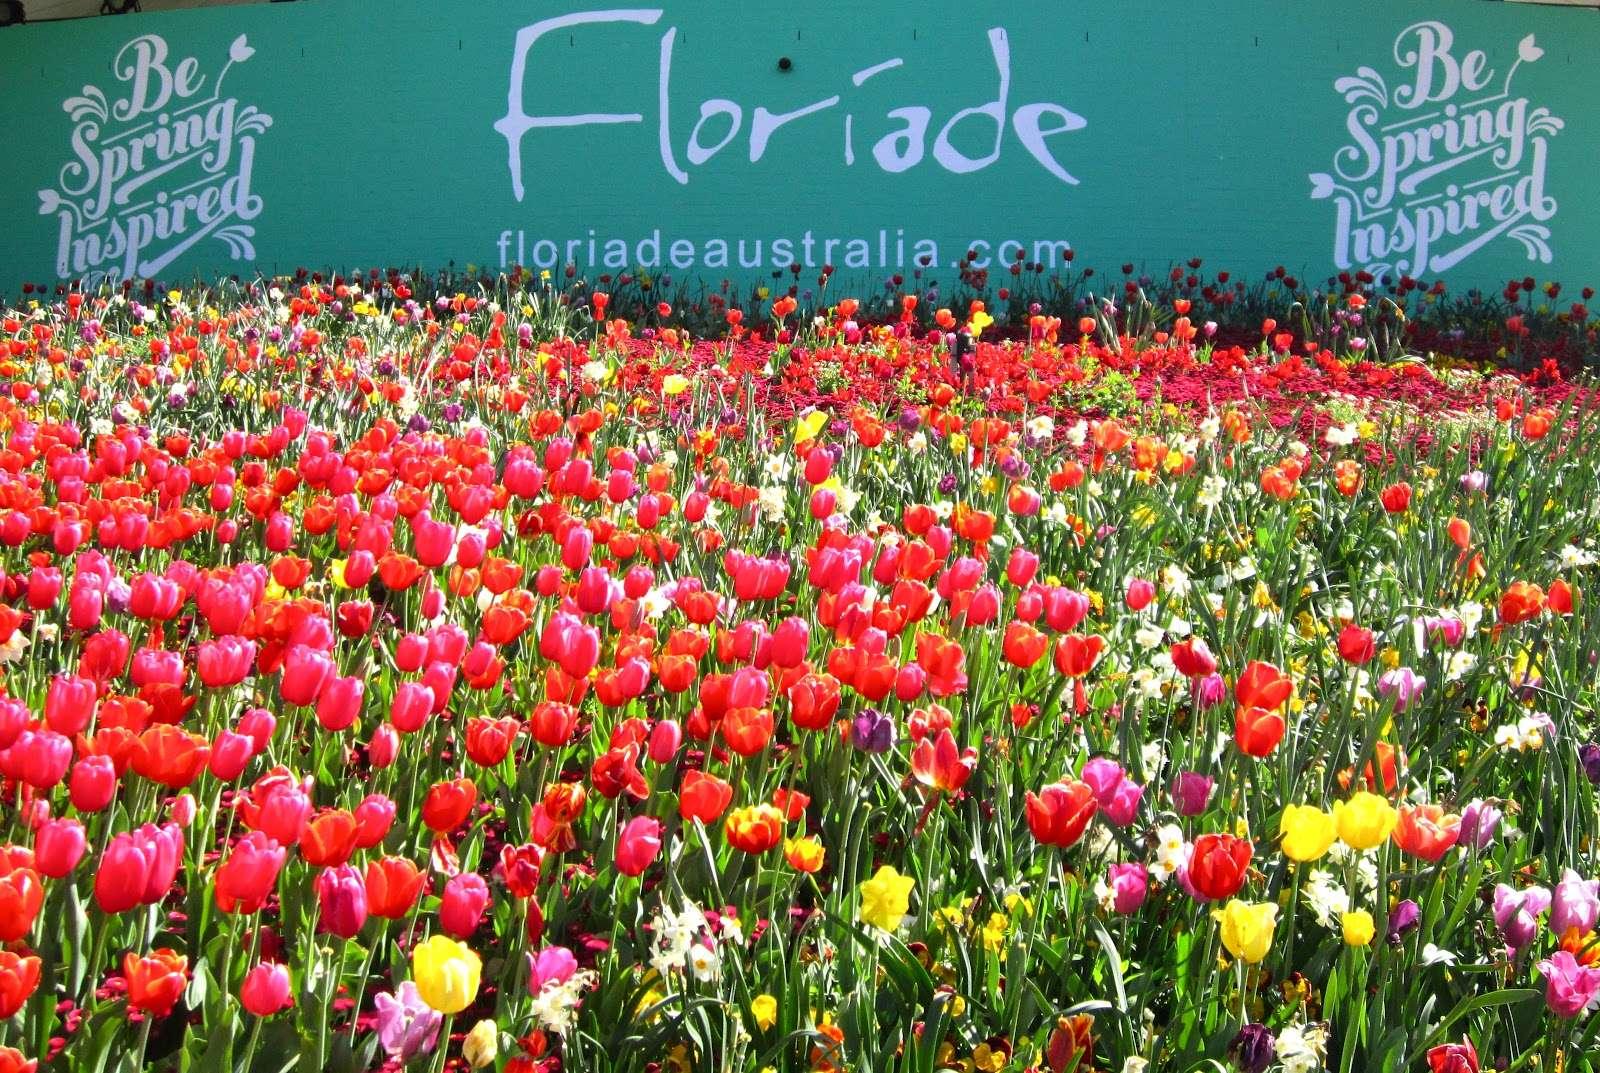 Cảnh sắc rực rỡ tại Lễ hội hoa Floriade